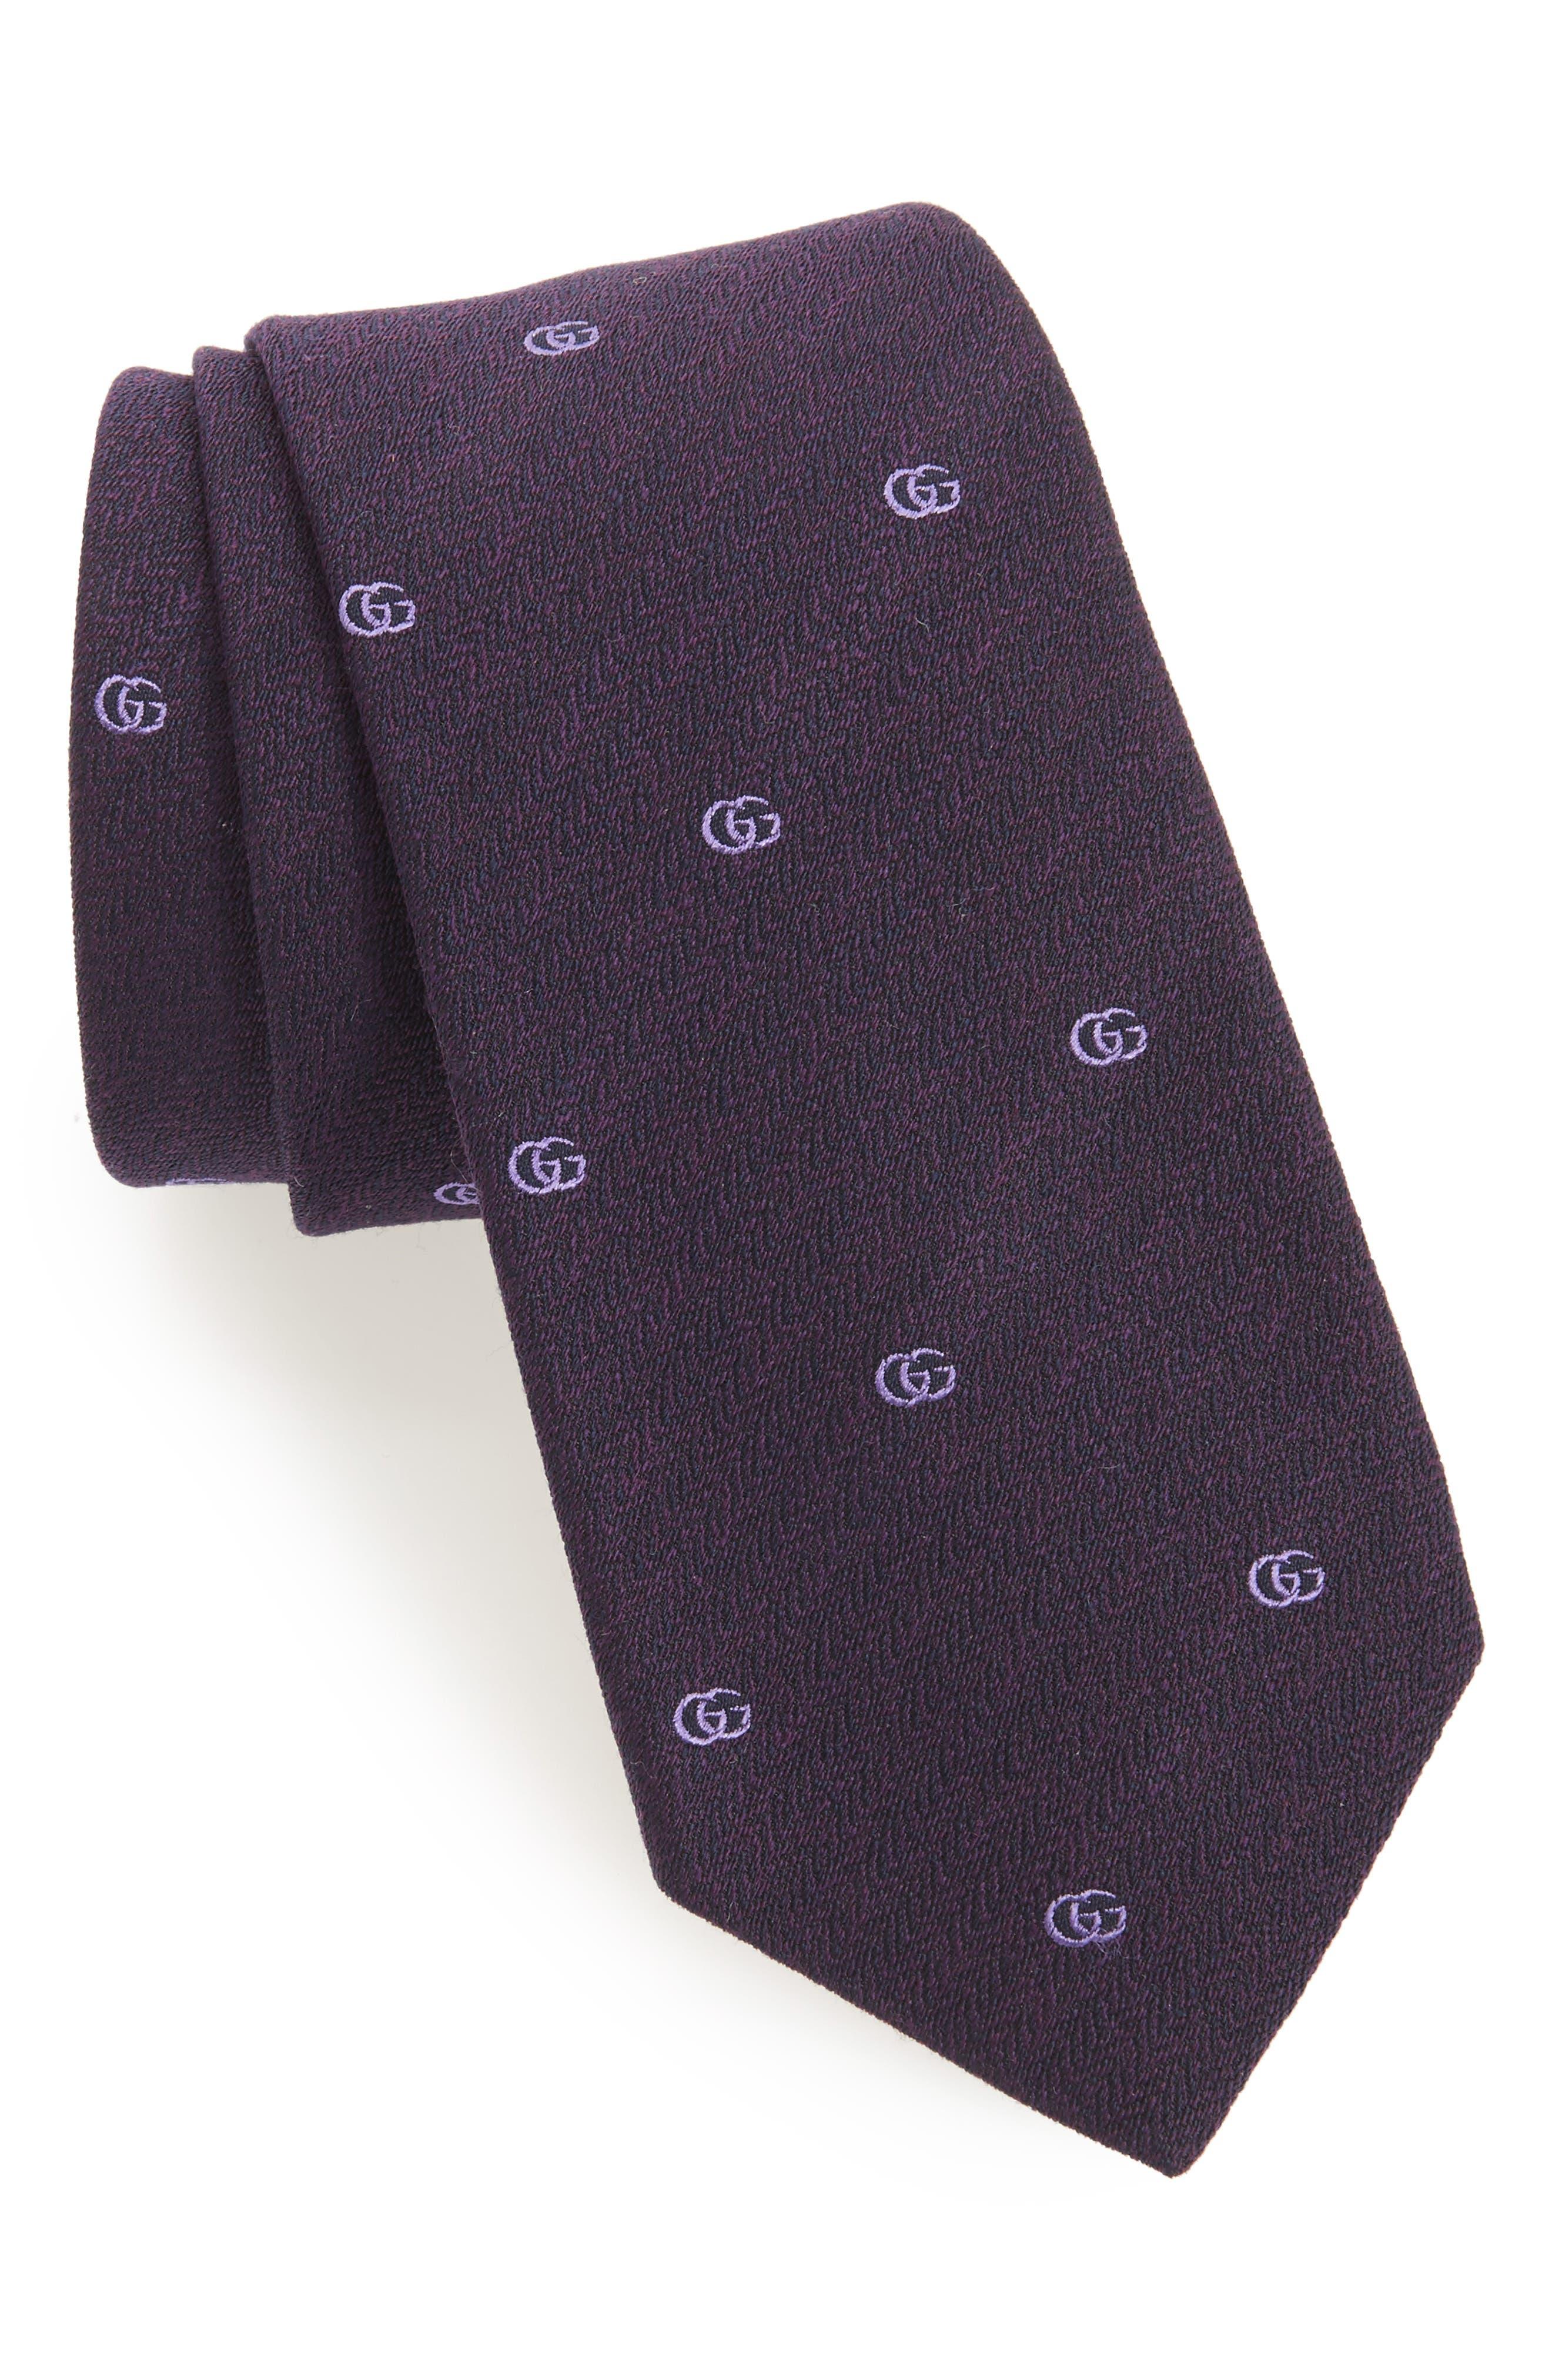 GUCCI GG Chevron Jacquard Tie